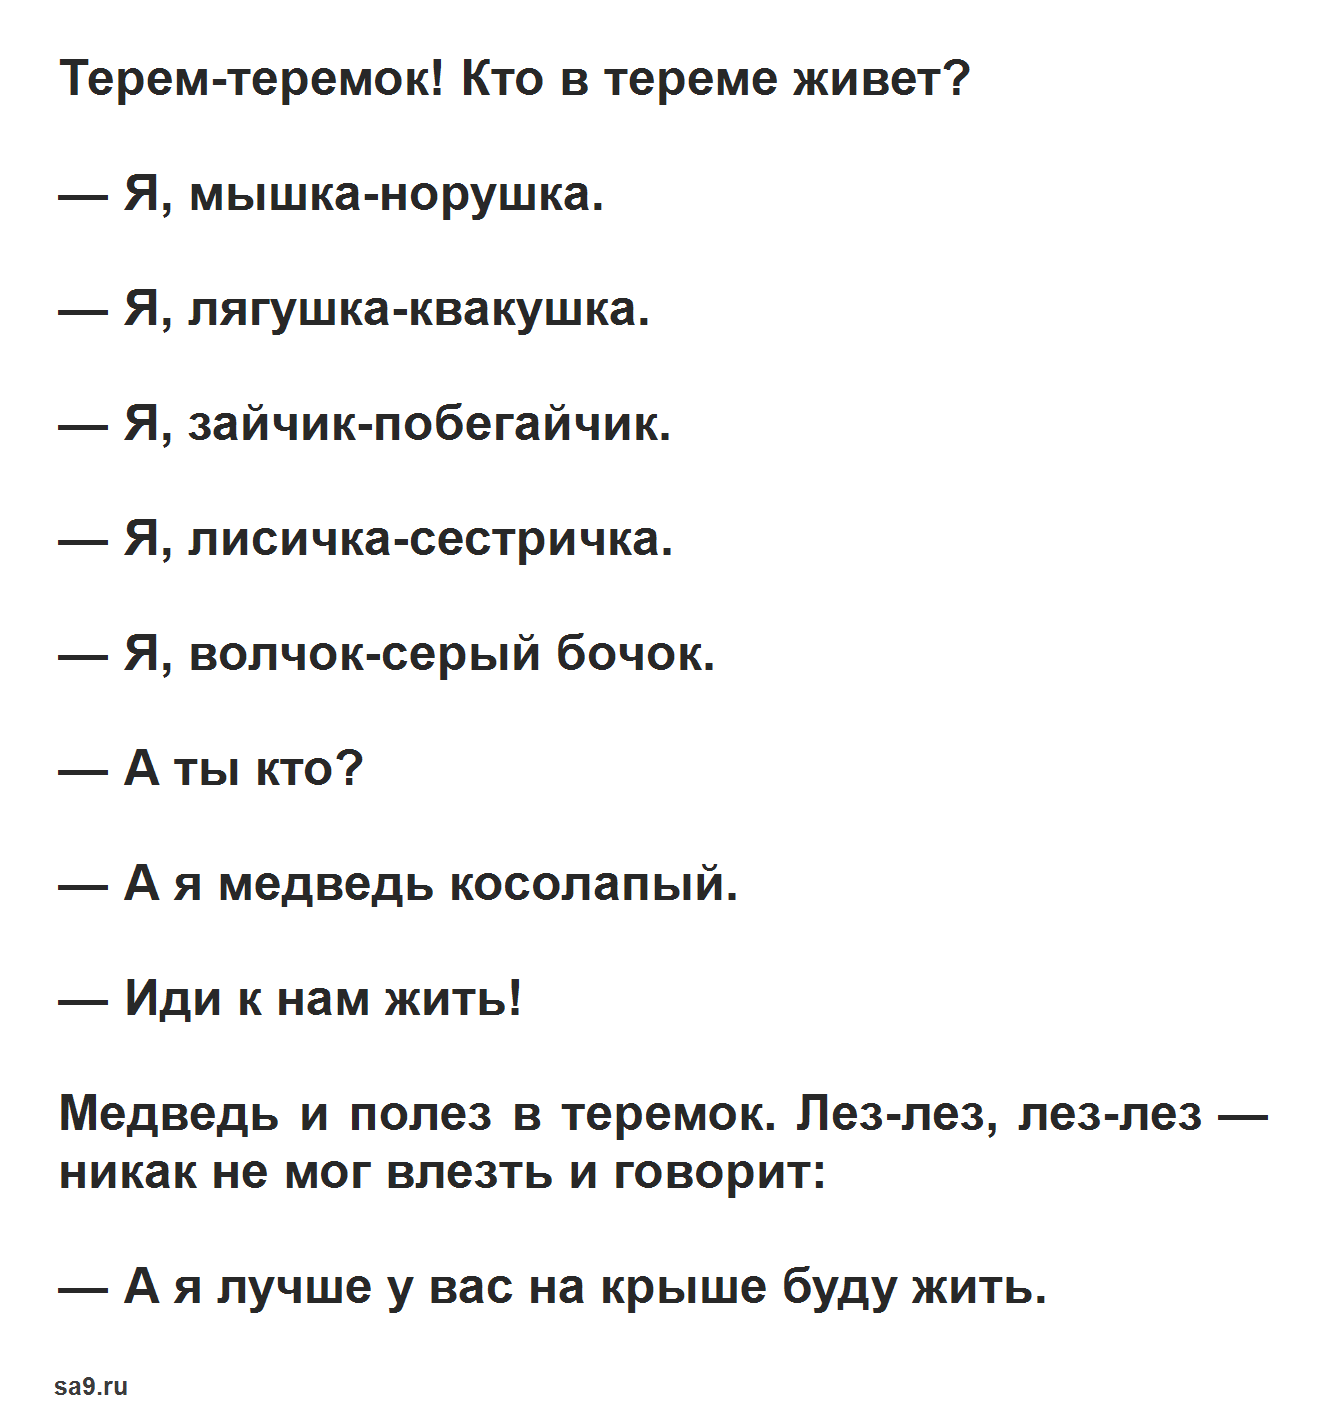 Читать русскую народную сказку - Теремок, для детей